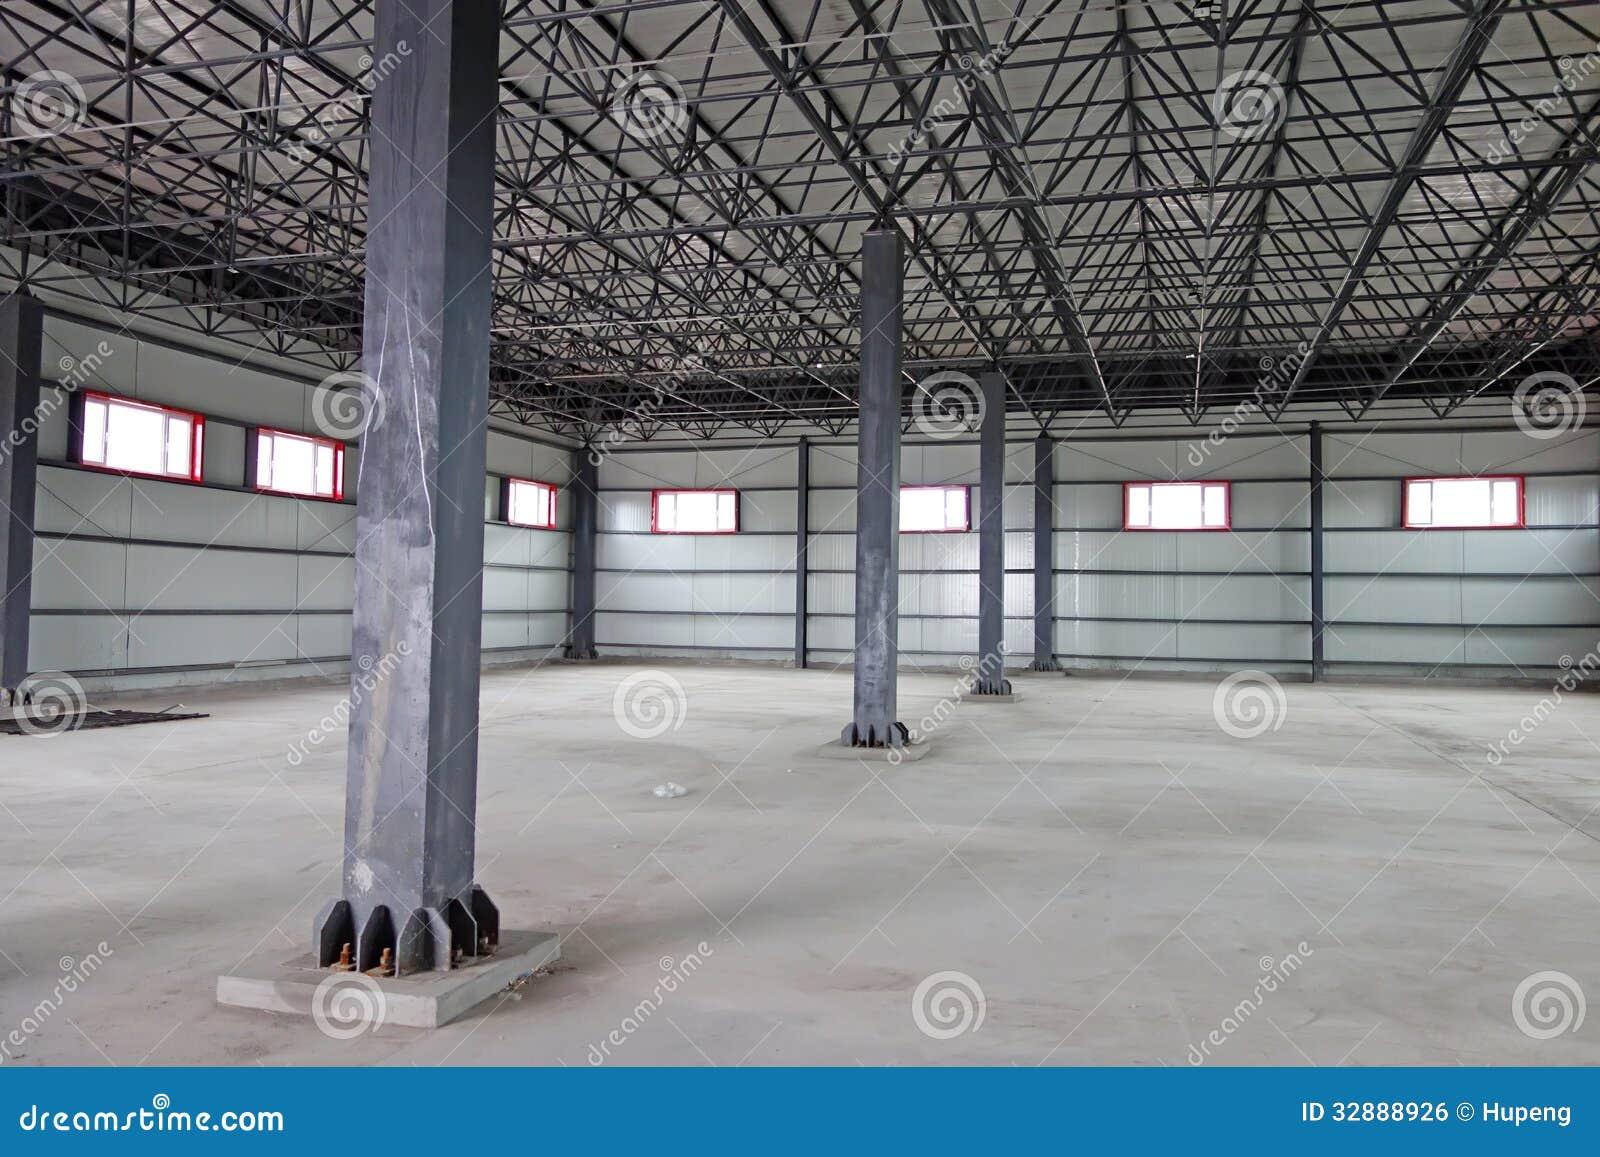 empty warehouse royalty free stock image image 32888926